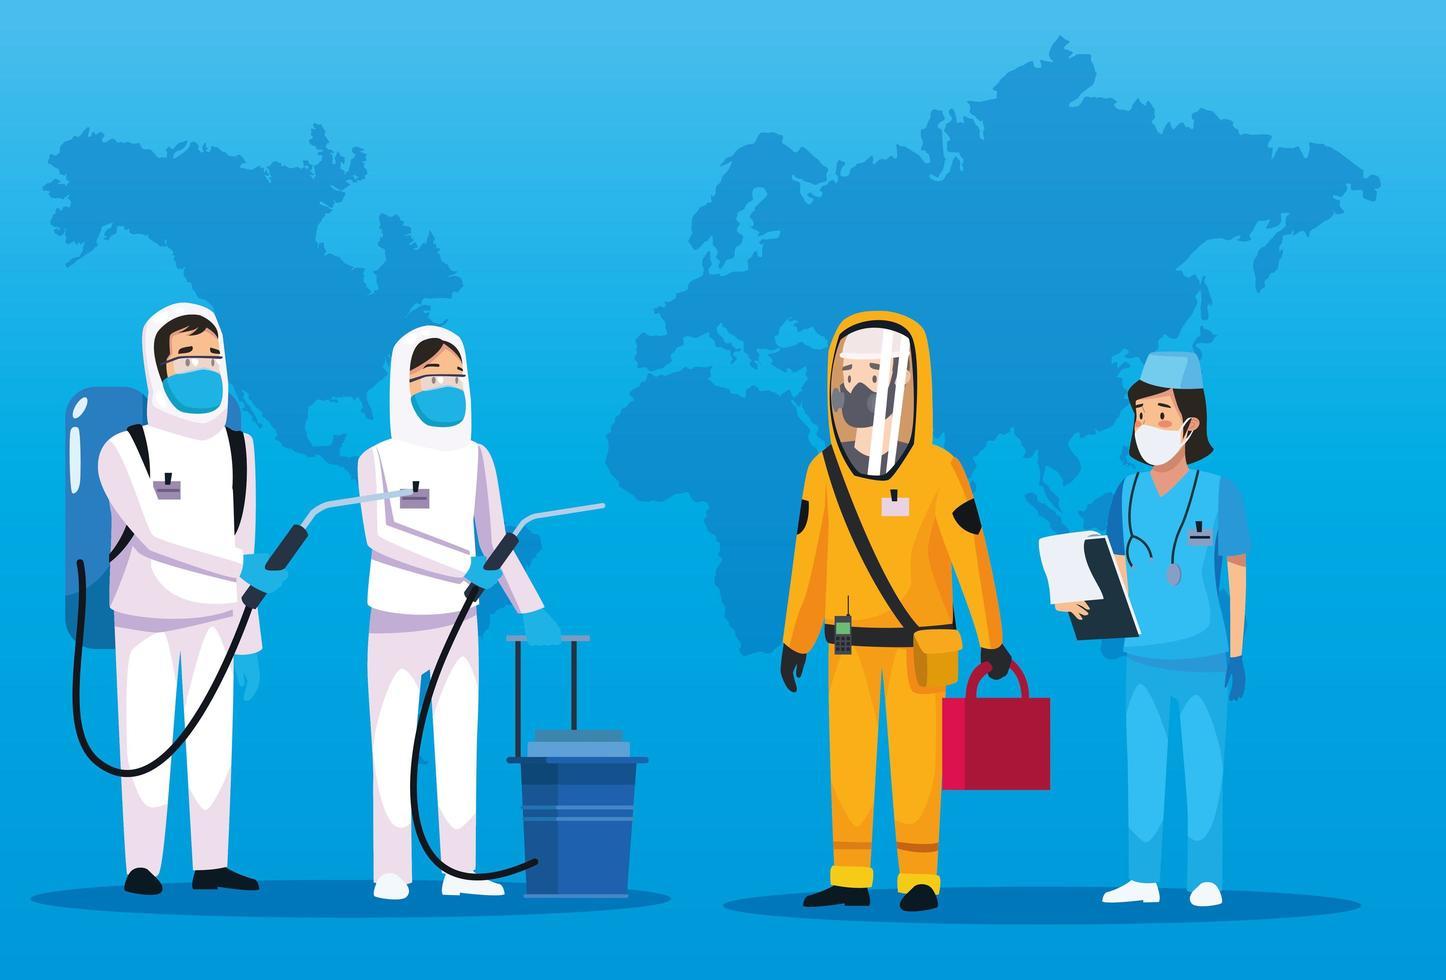 Personen mit Biogefährdung, die Krankenschwester und Weltkarte reinigen vektor